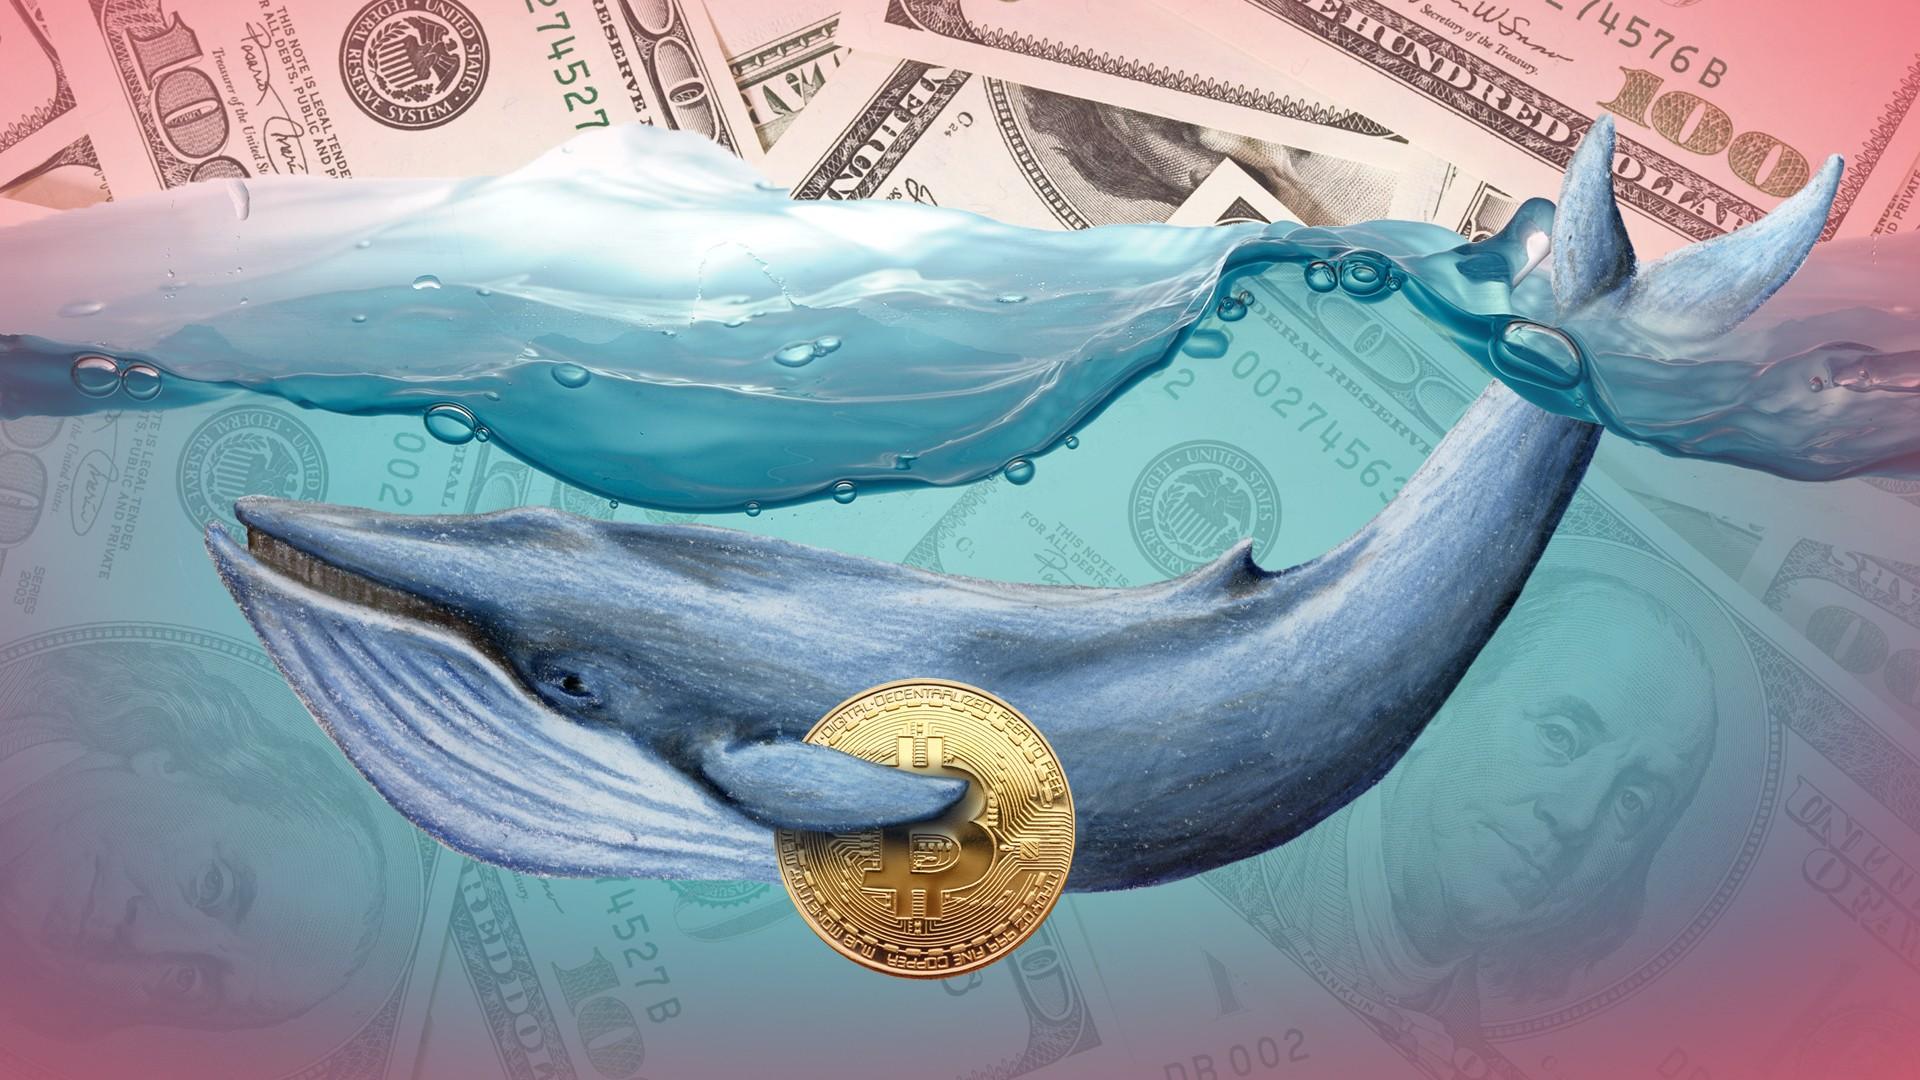 """Những chú cá voi Bitcoin lớn nhất thế giới đang sắp """"tuyệt chủng"""" – Dấu hiệu này là gì?"""